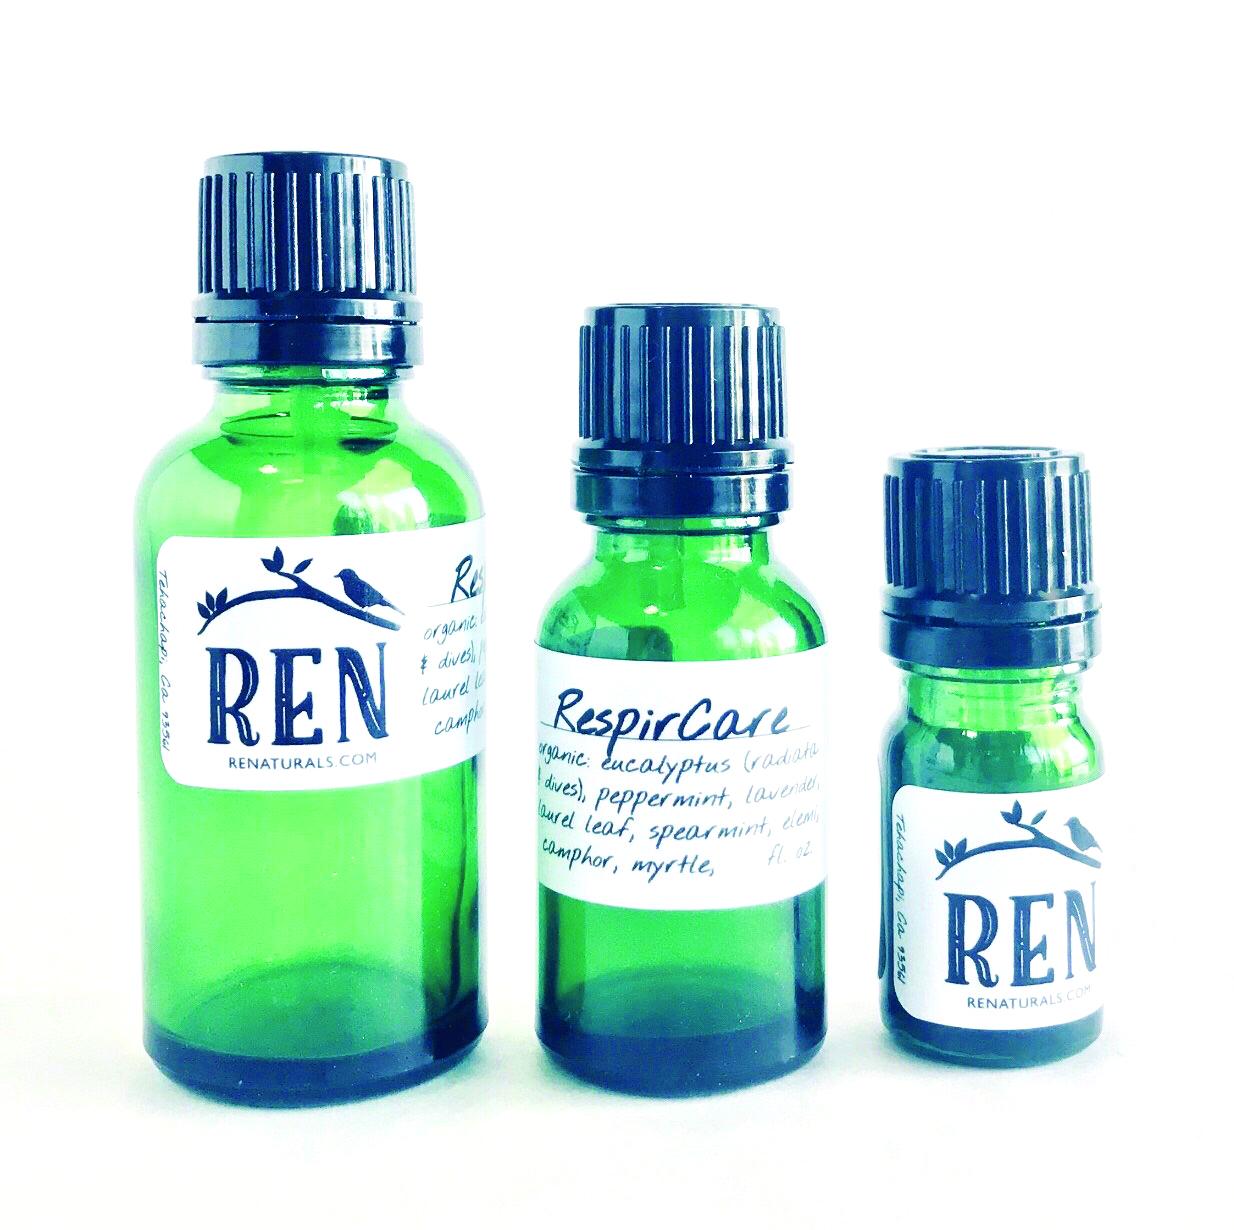 ReNaturals: Botanical Skincare RespirCare Essential Oil